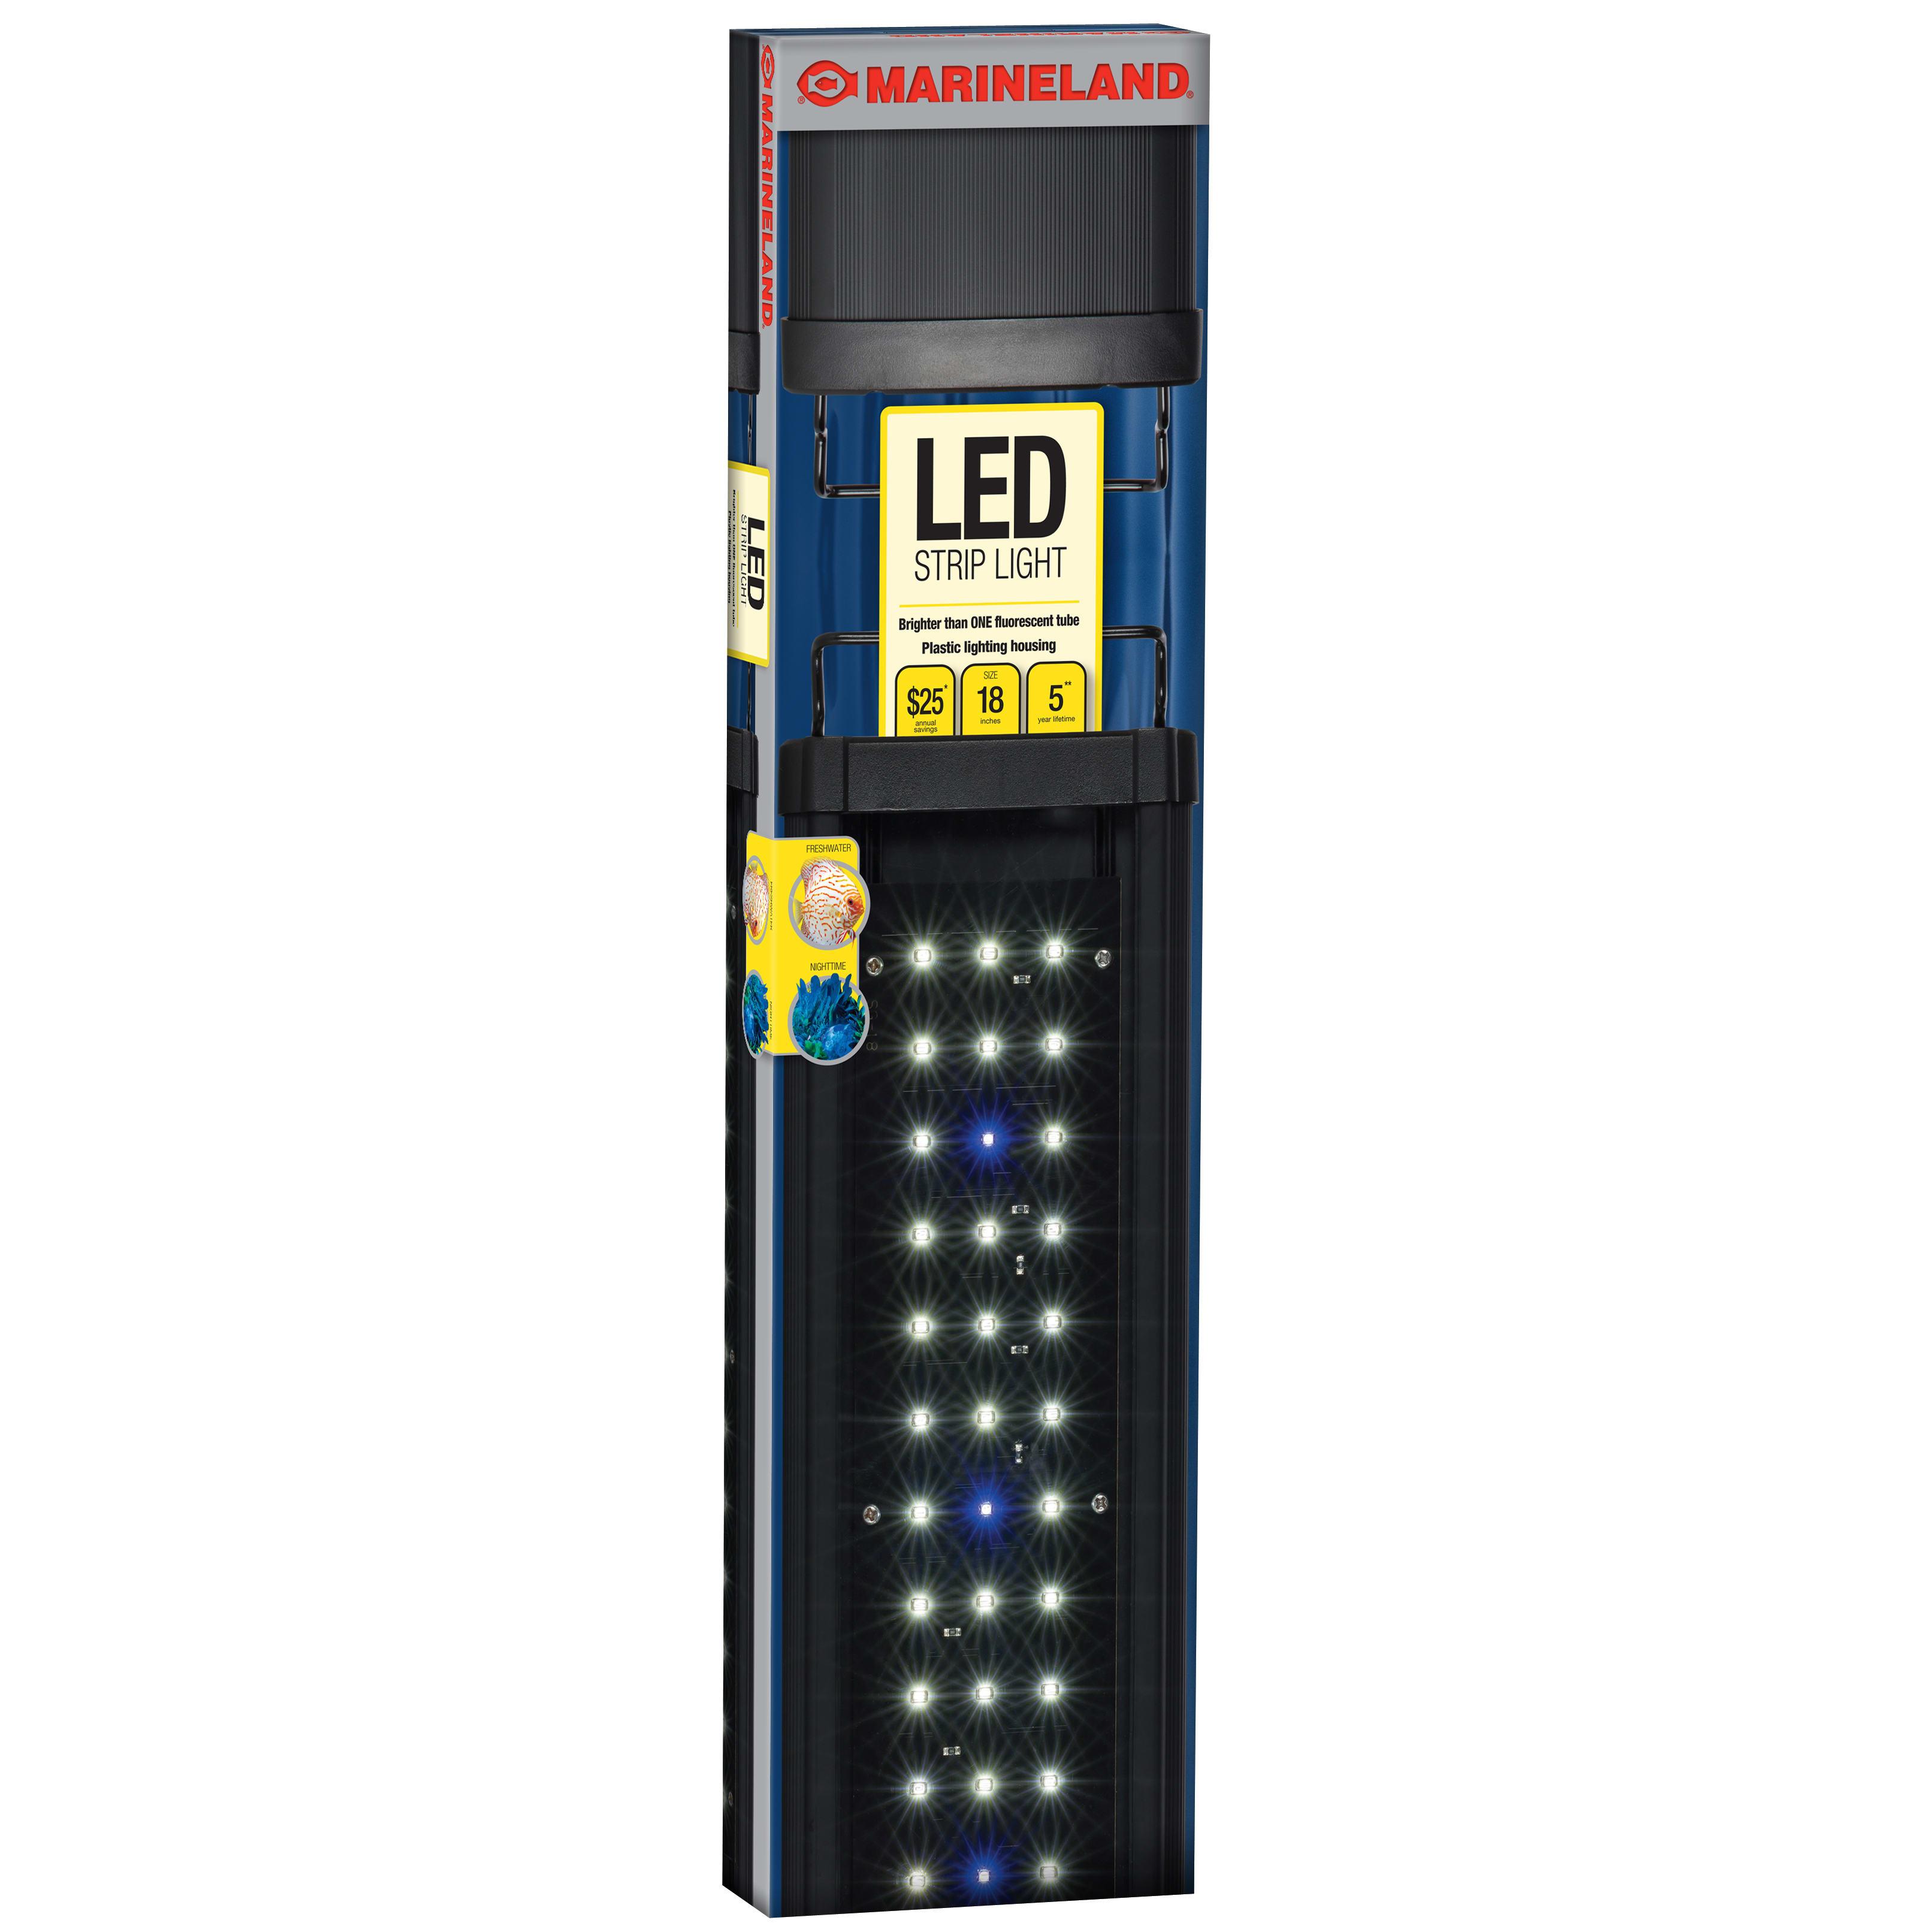 Large Leg for LED Marineland Aquarium Light Fixture